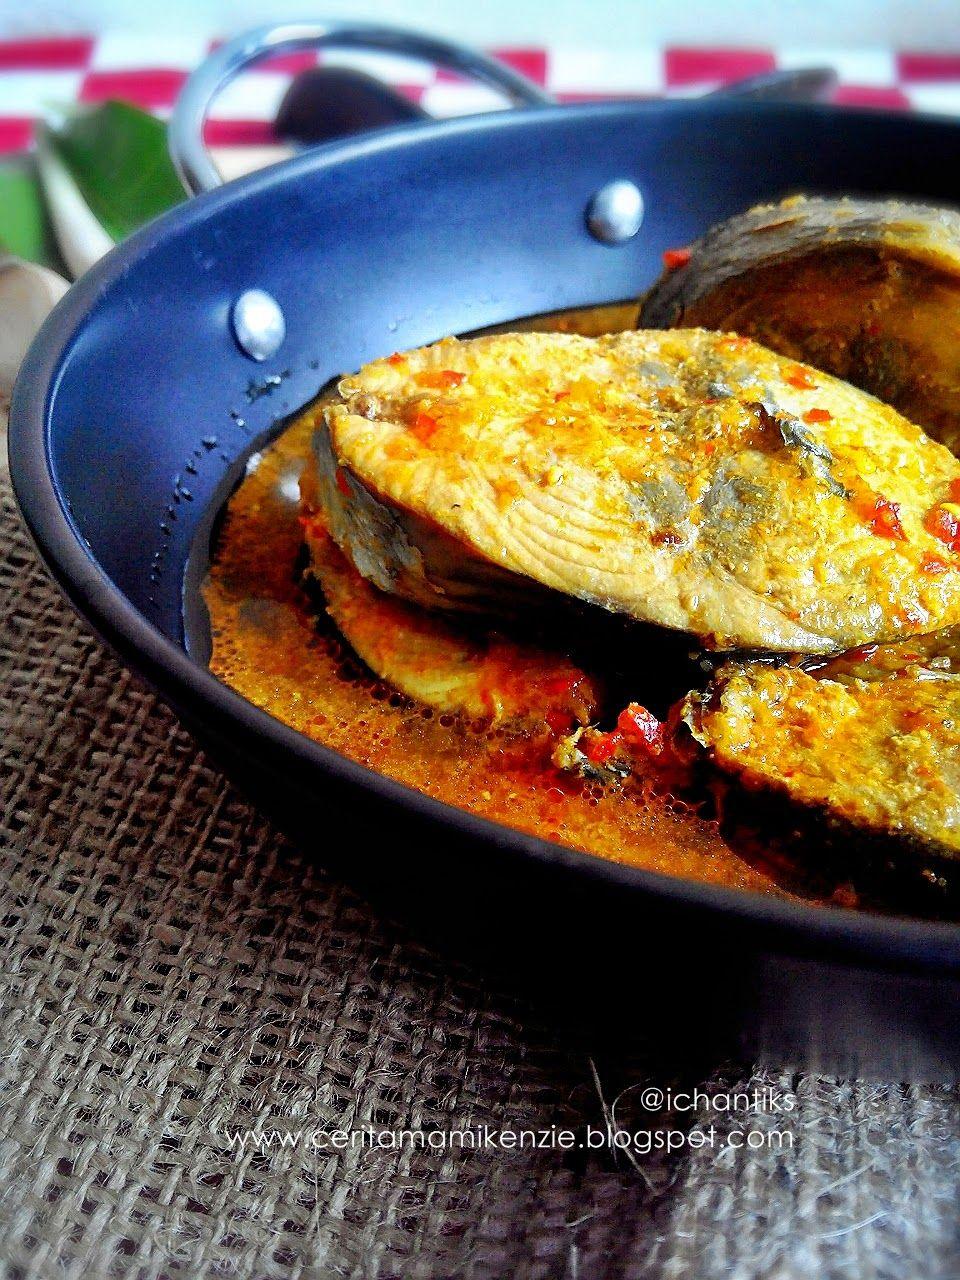 Resep Asam Padeh Ikan Tongkol Cerita Mami Kenzie Makanan Resep Makanan Masakan Indonesia